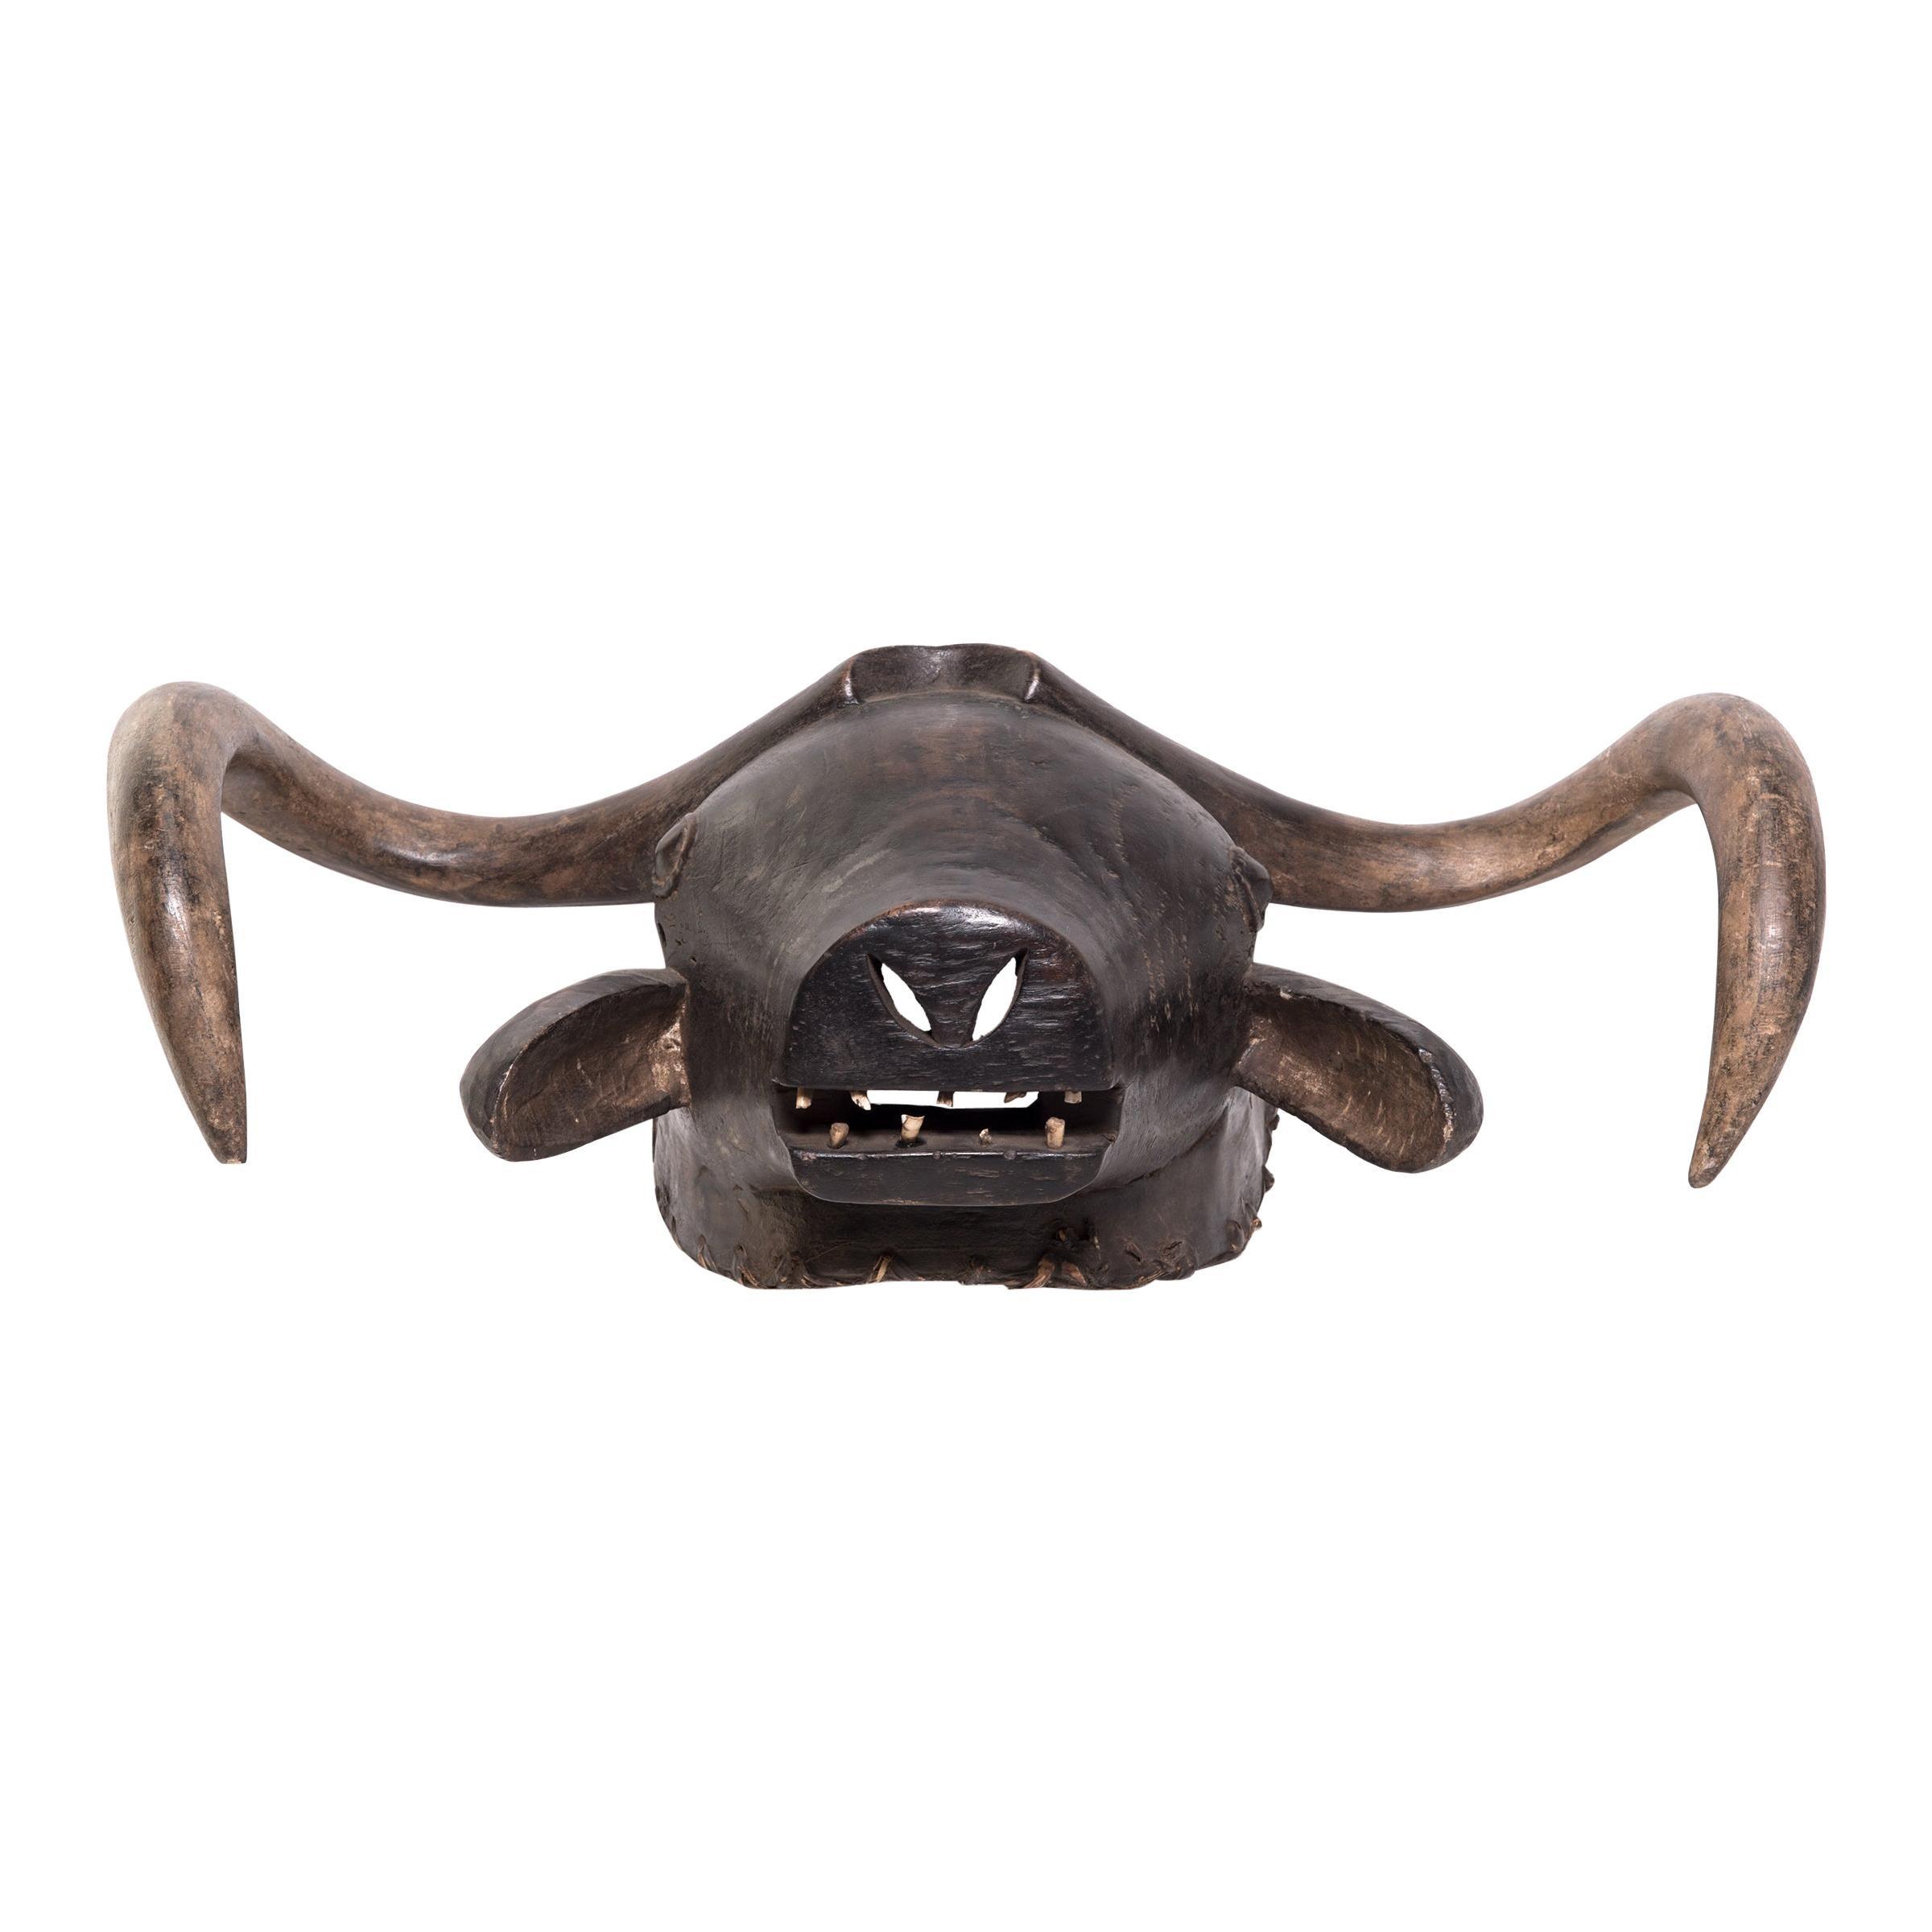 Bidjogo Tribal Initiation Ox Mask